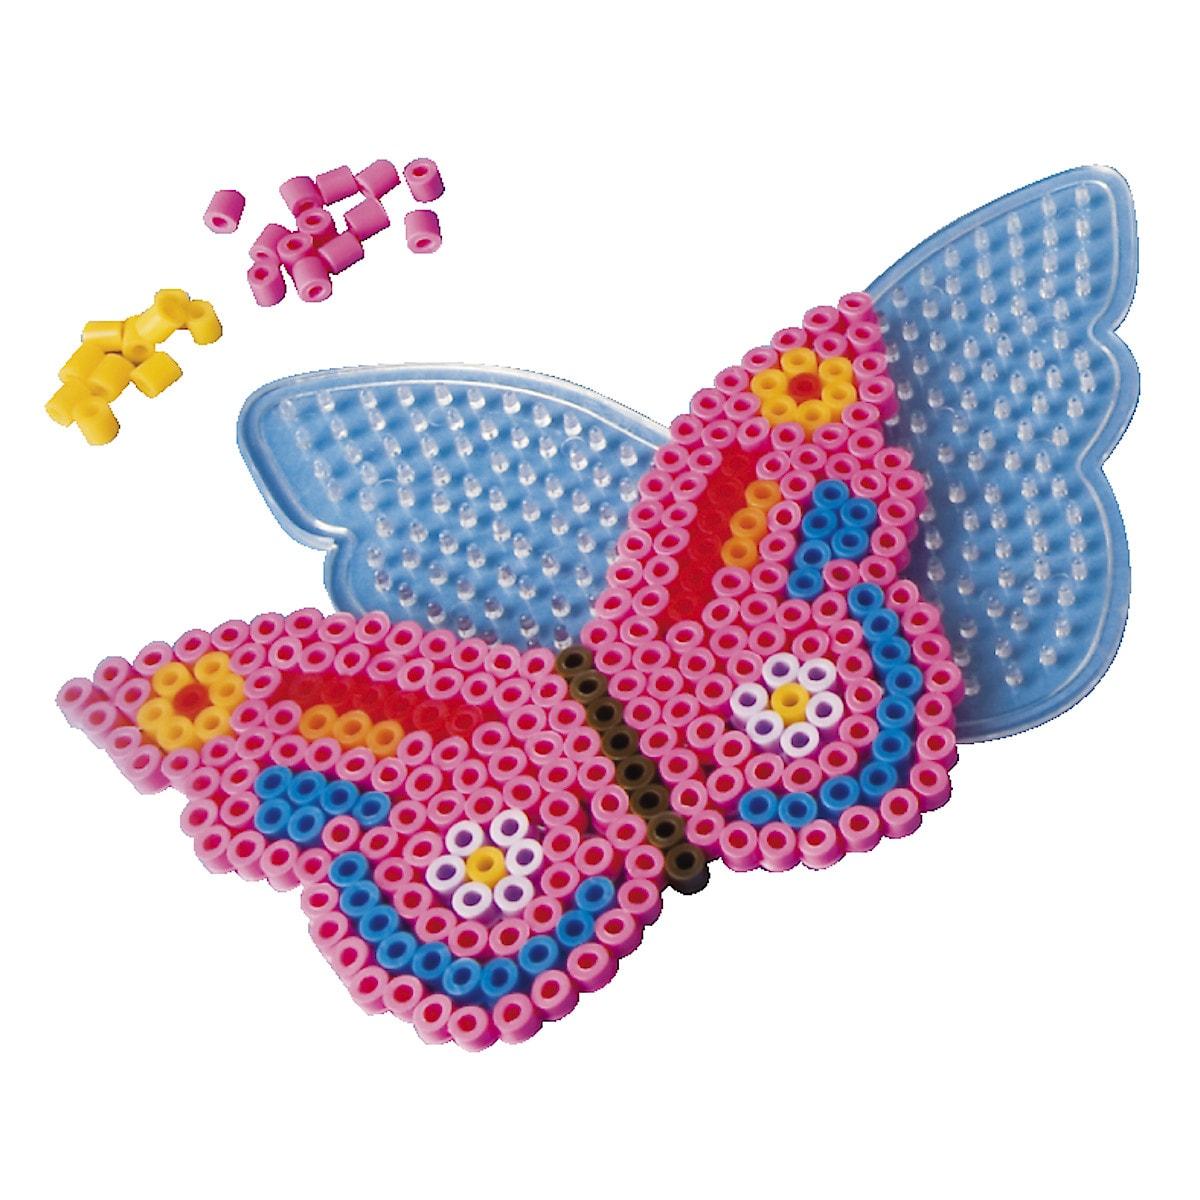 Perlenset mit 2000 Bügelperlen, PlayBox